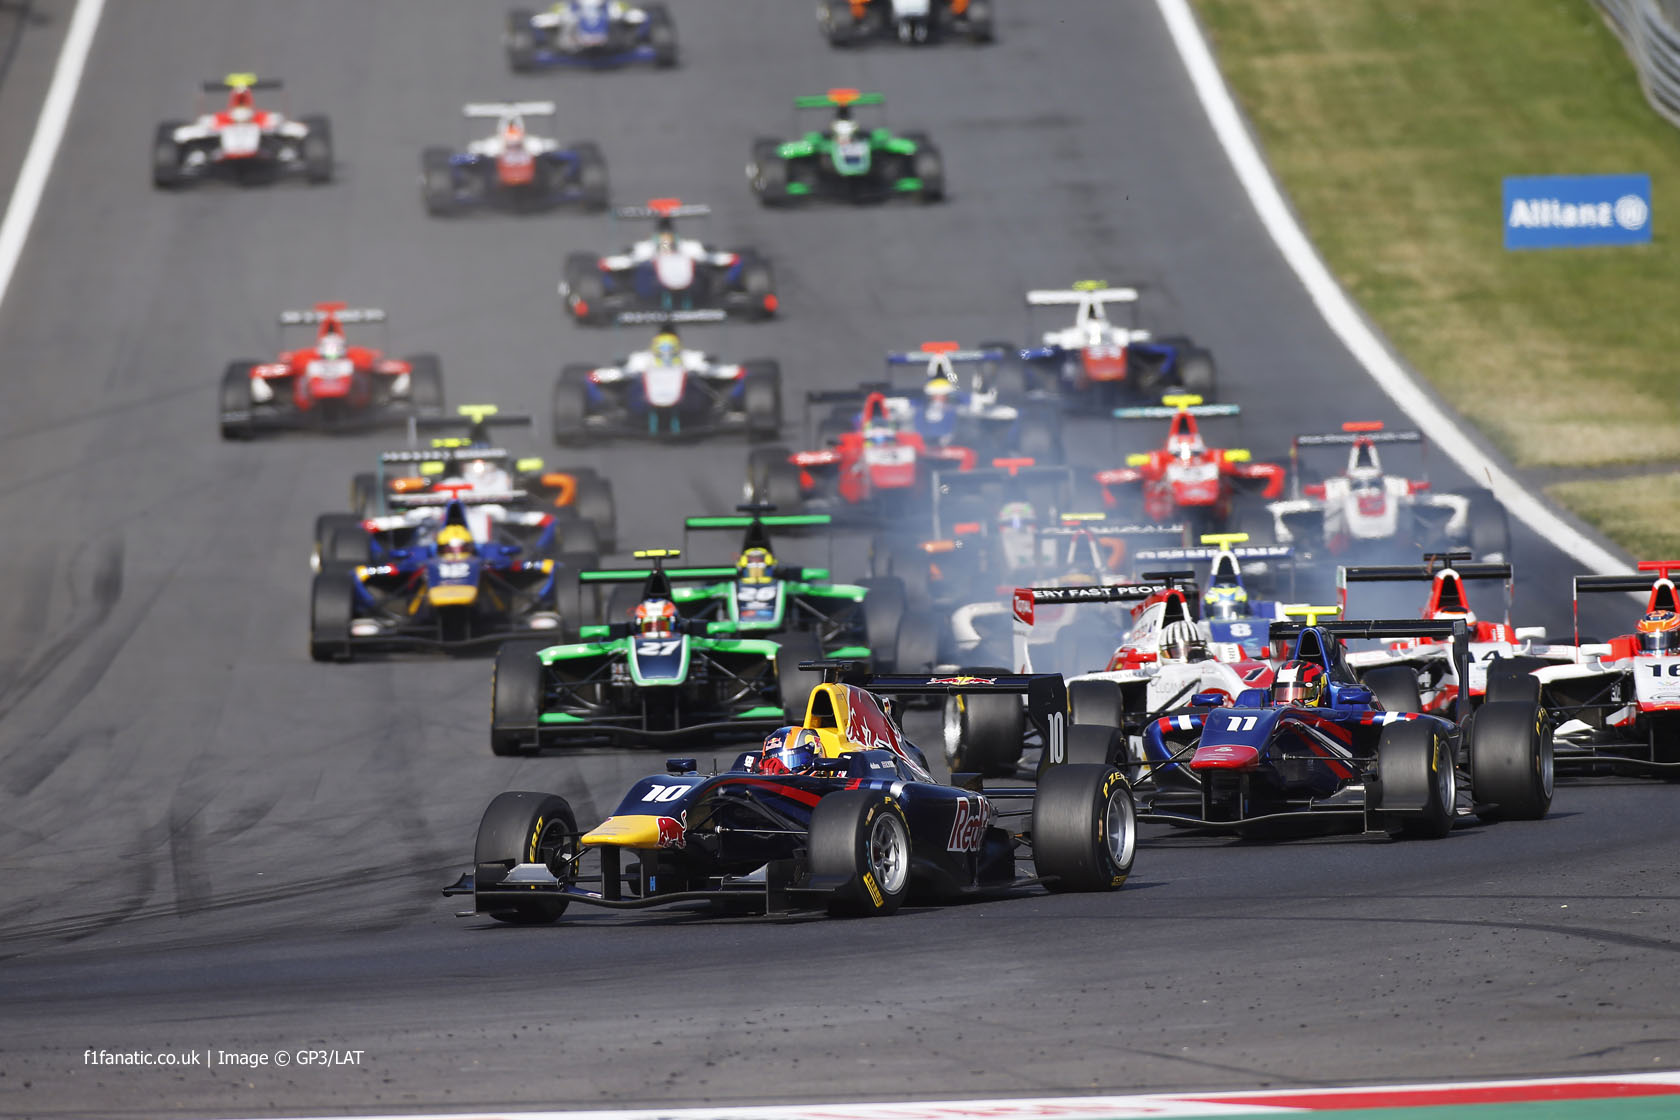 Start, GP3, Red Bull Ring, 2014, 2